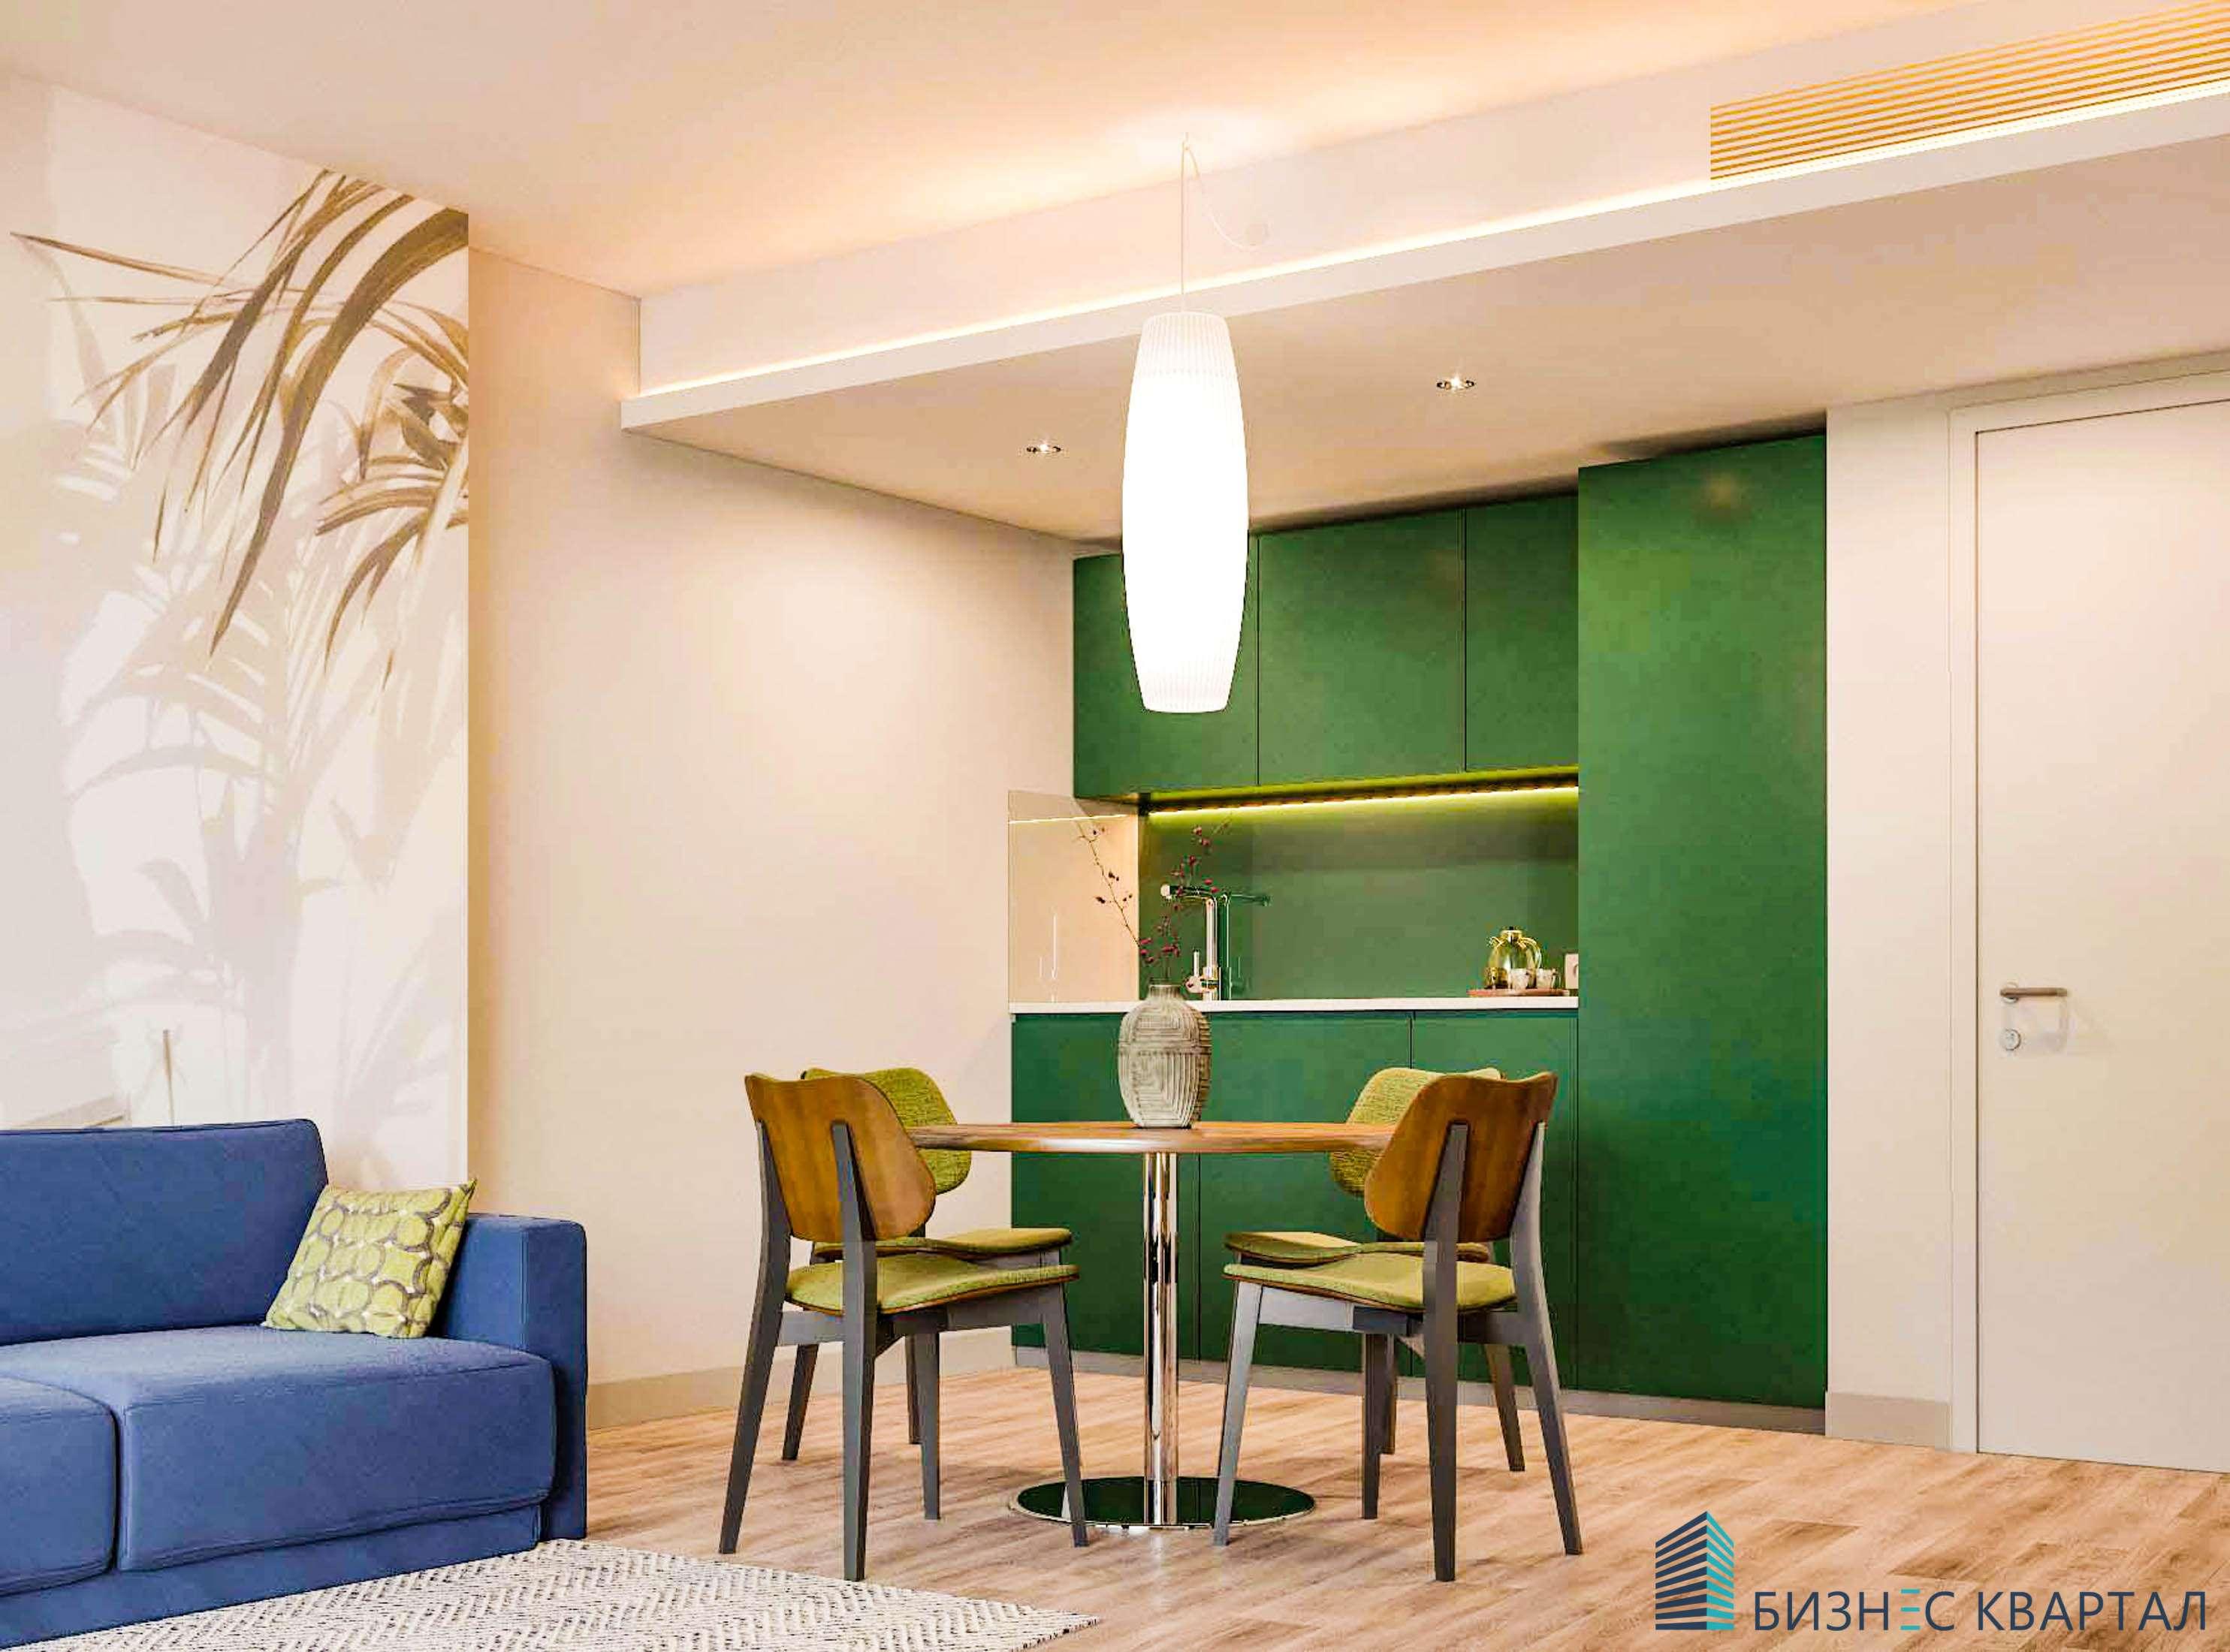 Стильные апартаменты в Сочи с ремонтом и мебелью - image gotovye-apartamenty-v-sochi-14 on https://bizneskvartal.ru